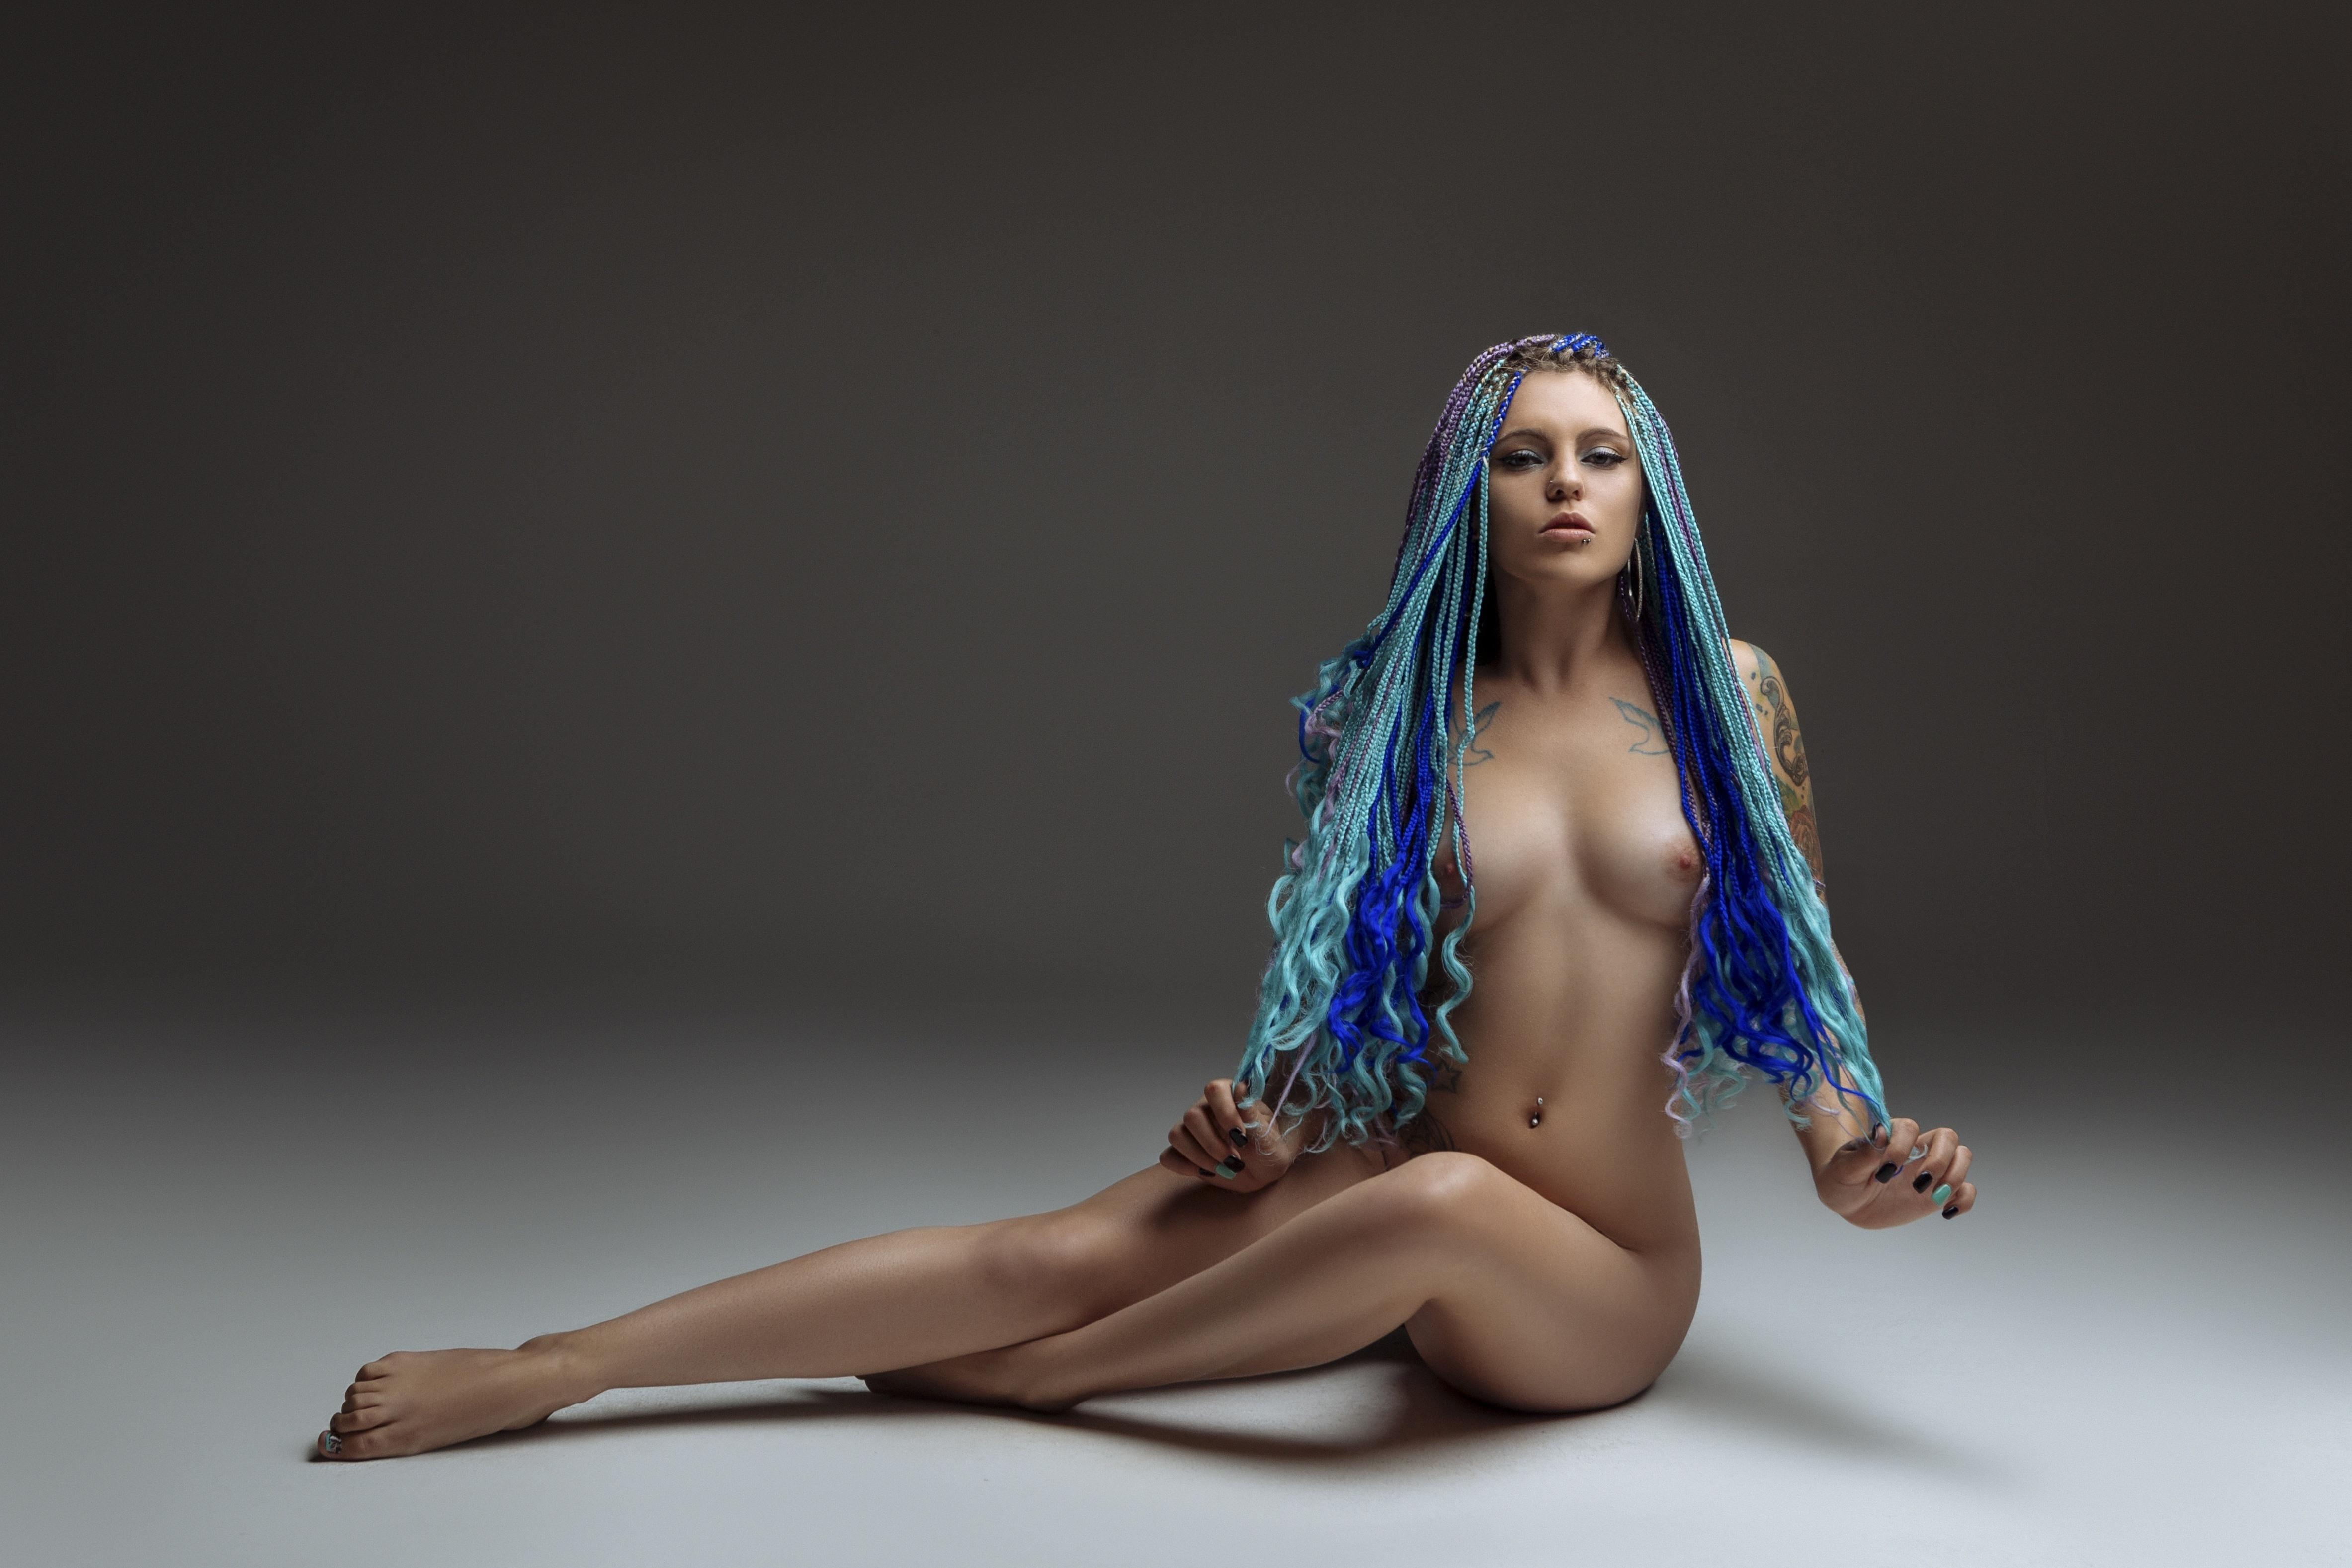 Обнаженные Волосы